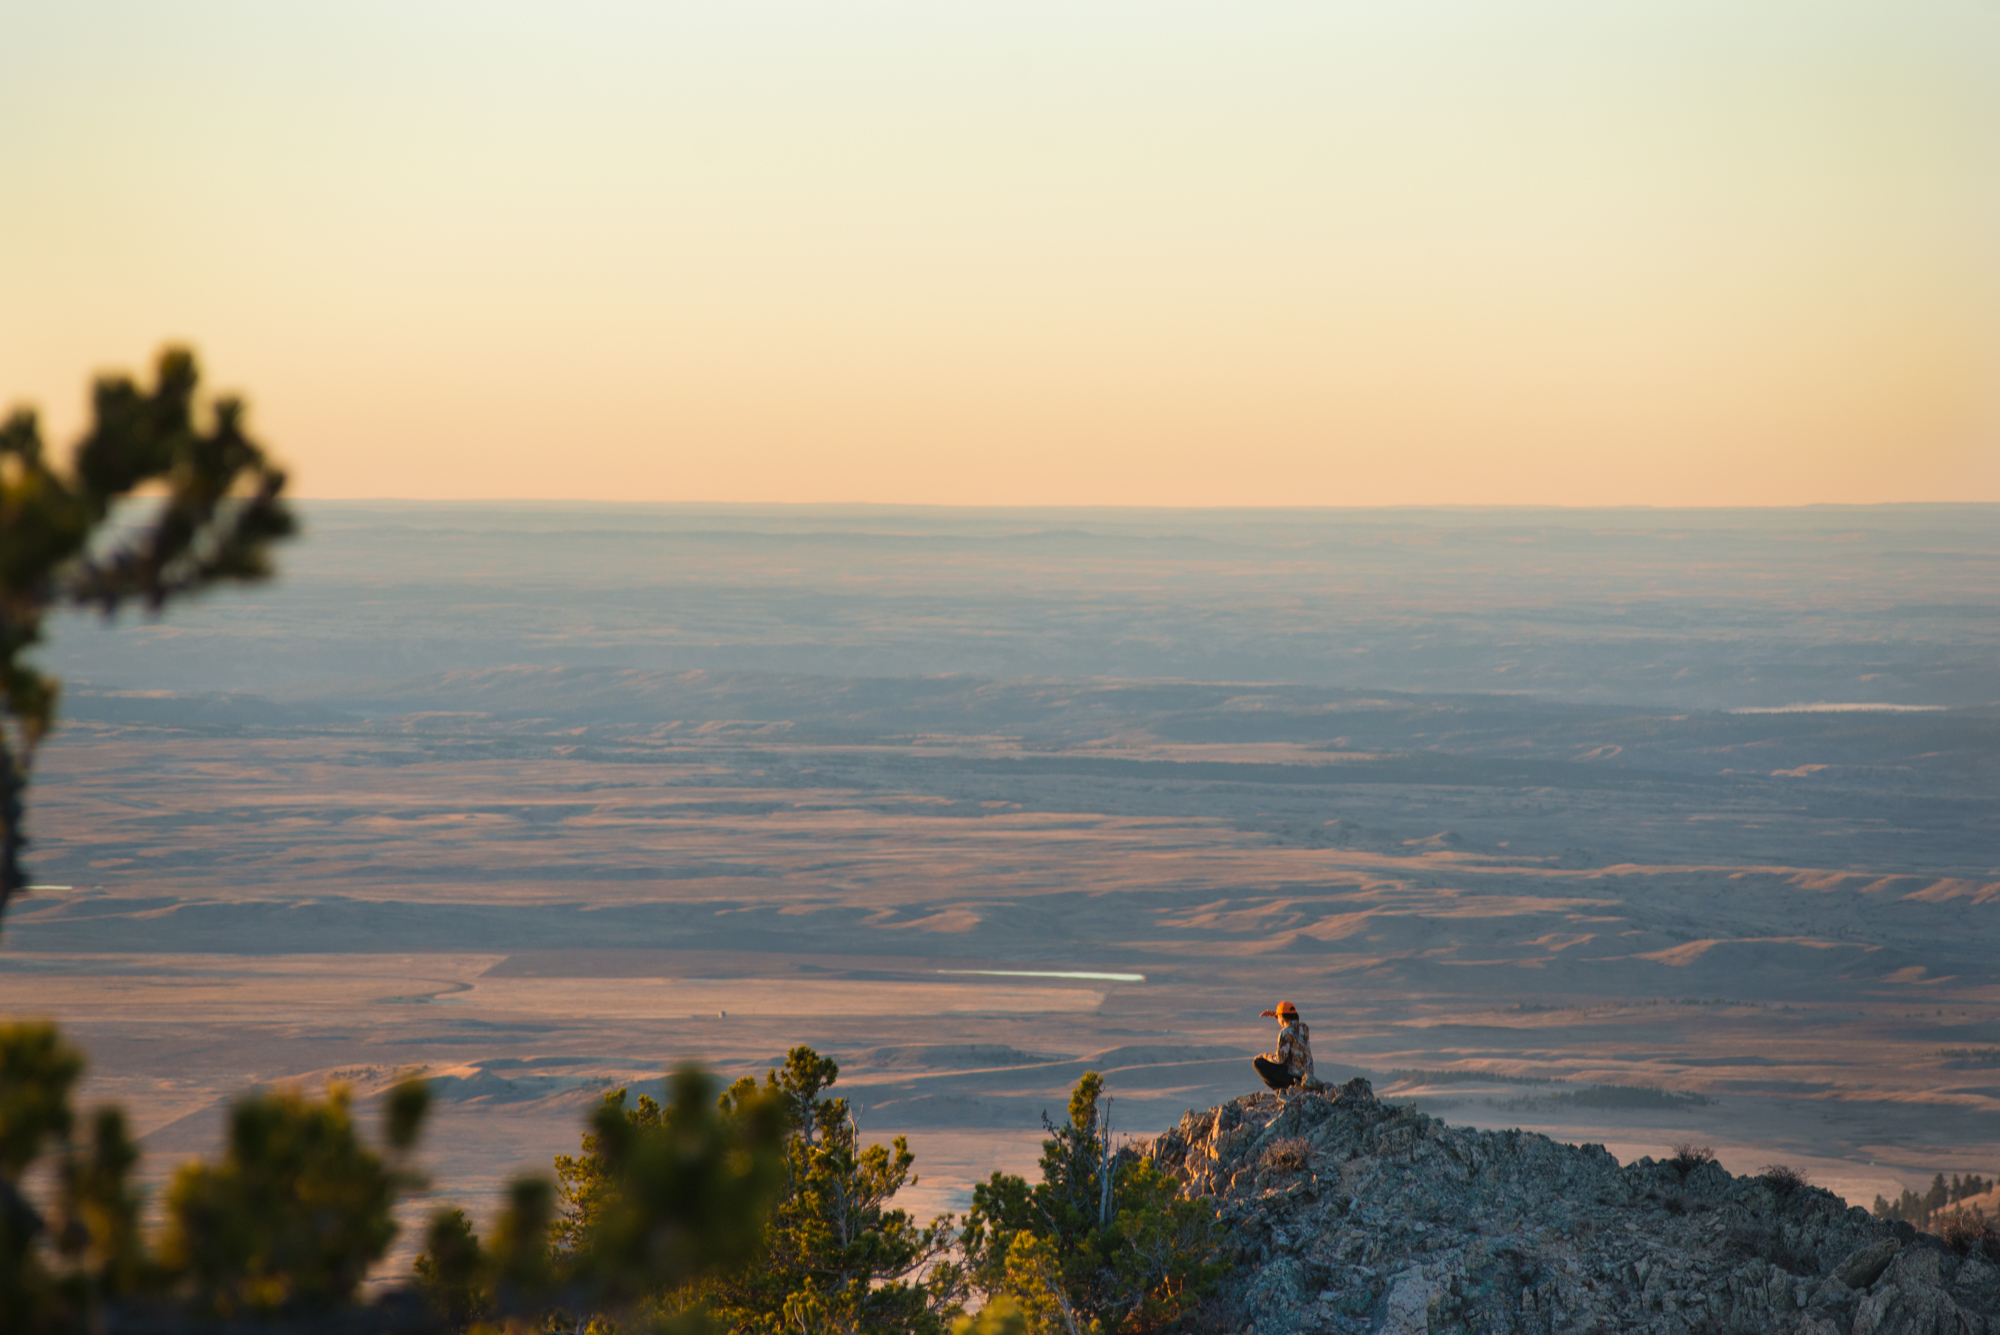 Rhys Morgan Images_American Prairie Reserve-7117.jpg